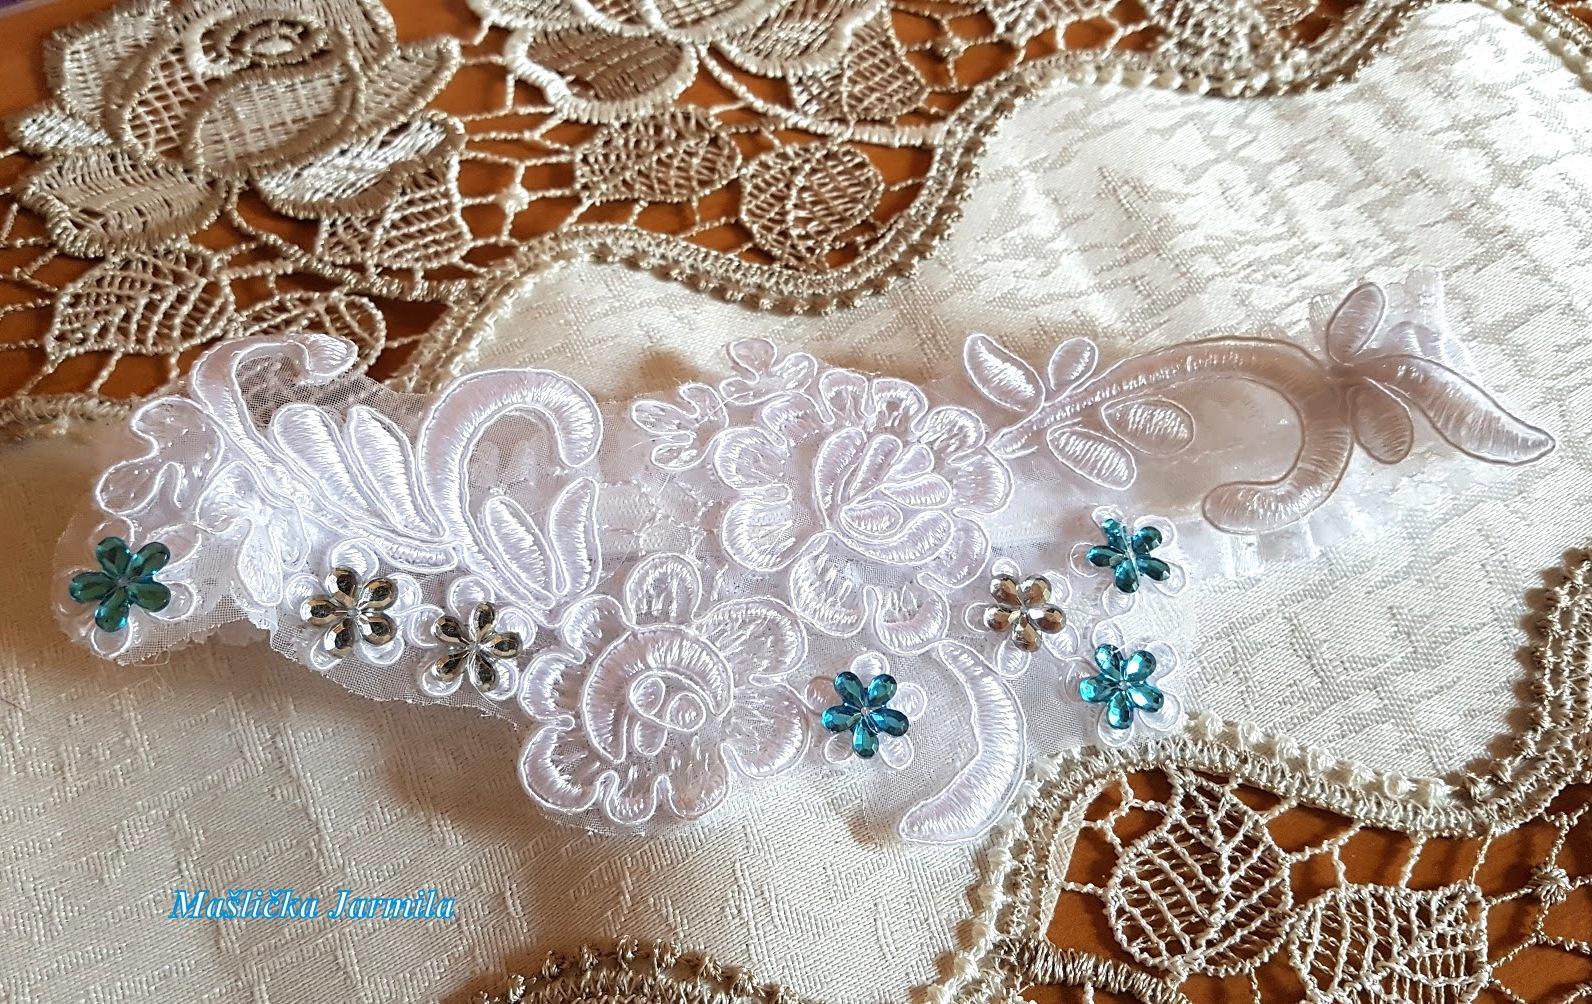 Svatební vývazky, podvazky, polštářky pod prstýnky, náramky.. - Obrázek č. 95